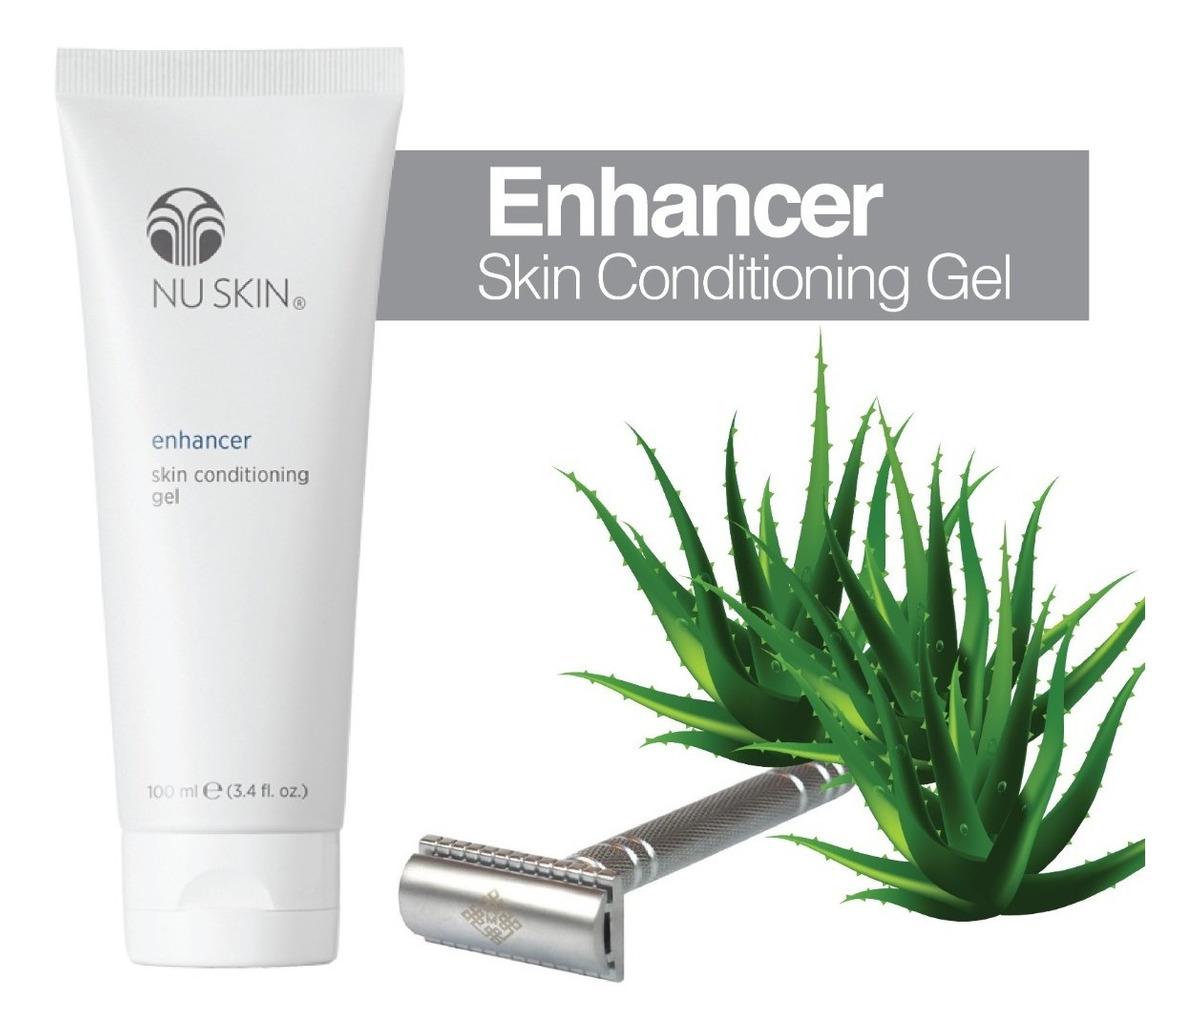 Enhancer nu skin